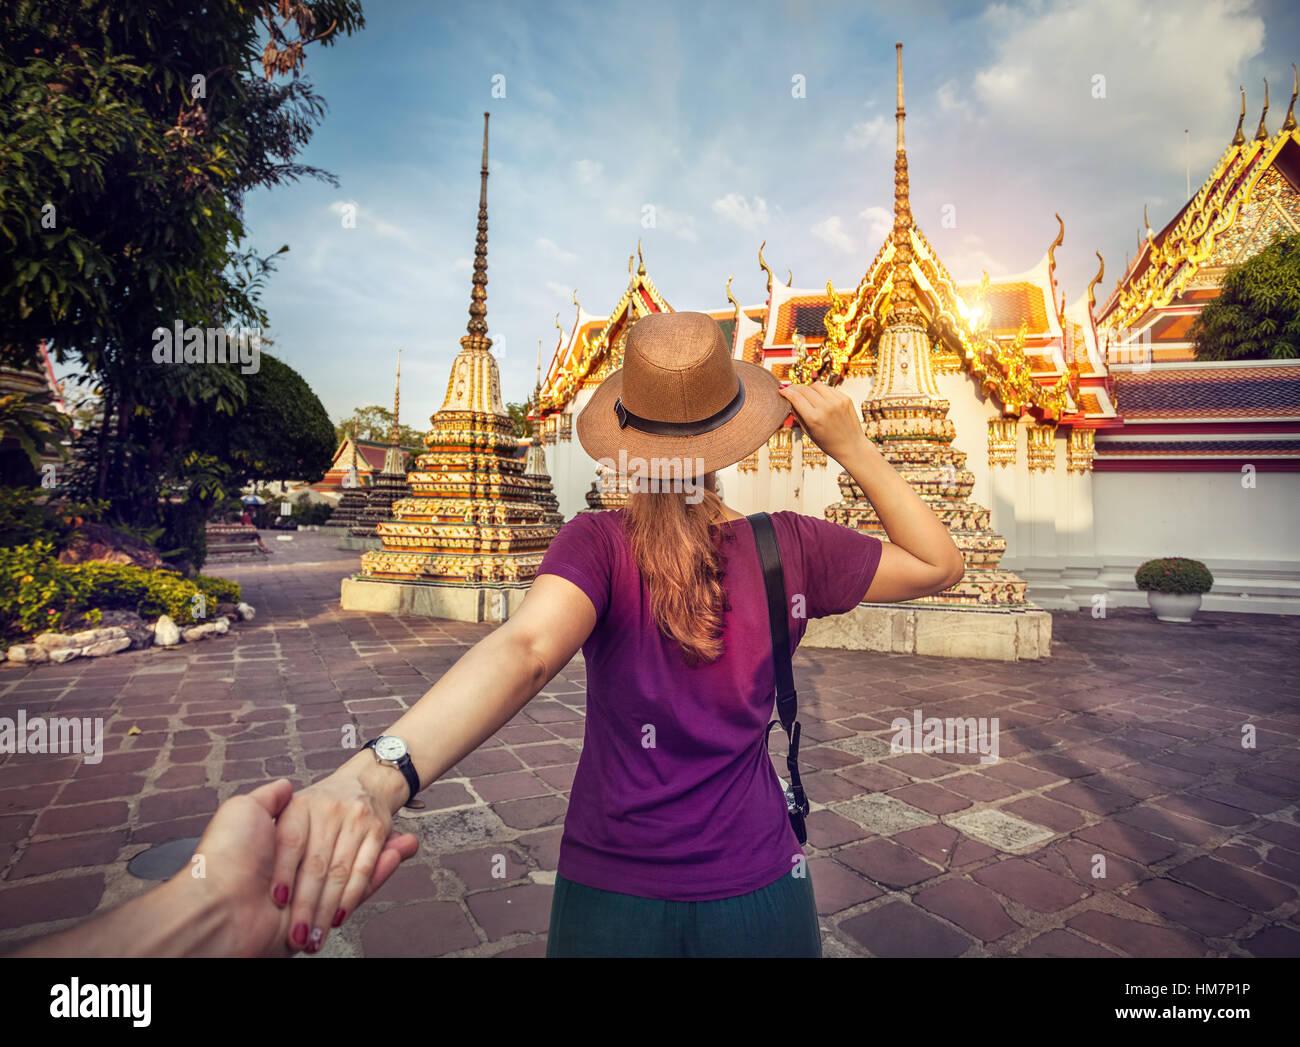 Woman in hat et violet t-shirt homme à la main pour le célèbre temple de Wat Pho à Bangkok, Photo Stock